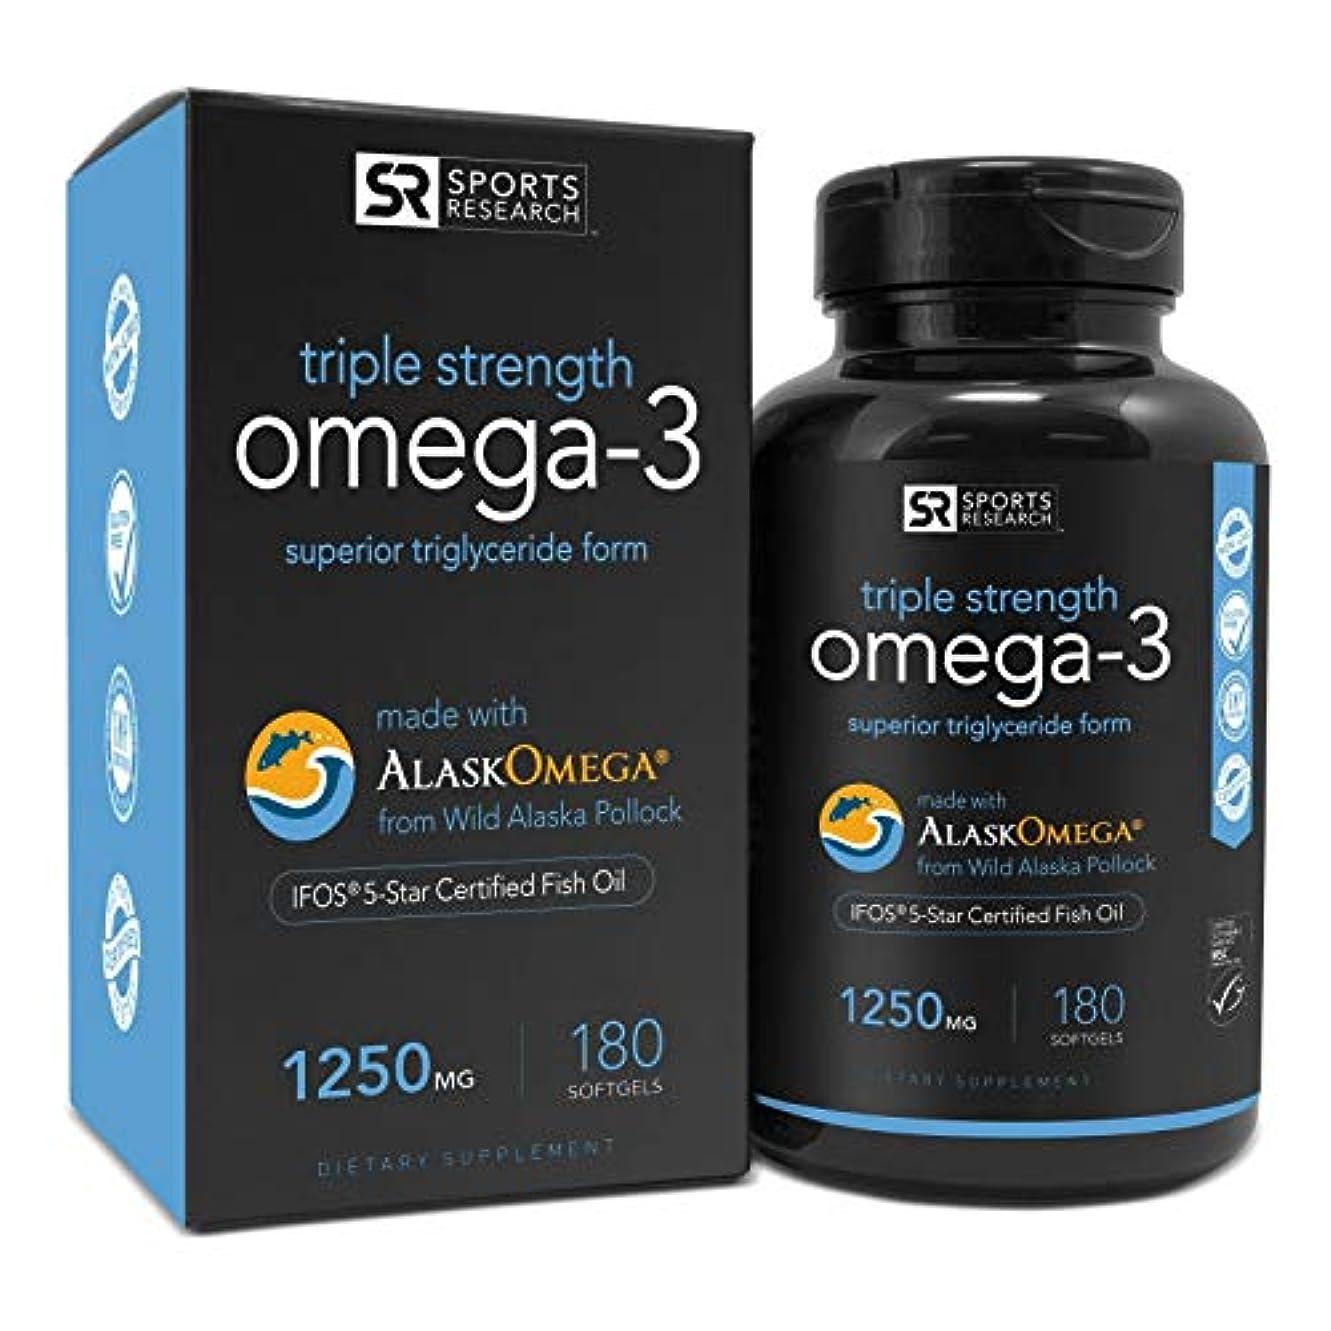 地震ラリー確認してくださいOmega-3 Fish Oil 1250mg (Triple Strength) 180 gelcaps| Contains the highest levels of triglyceride Omega-3s EPA...